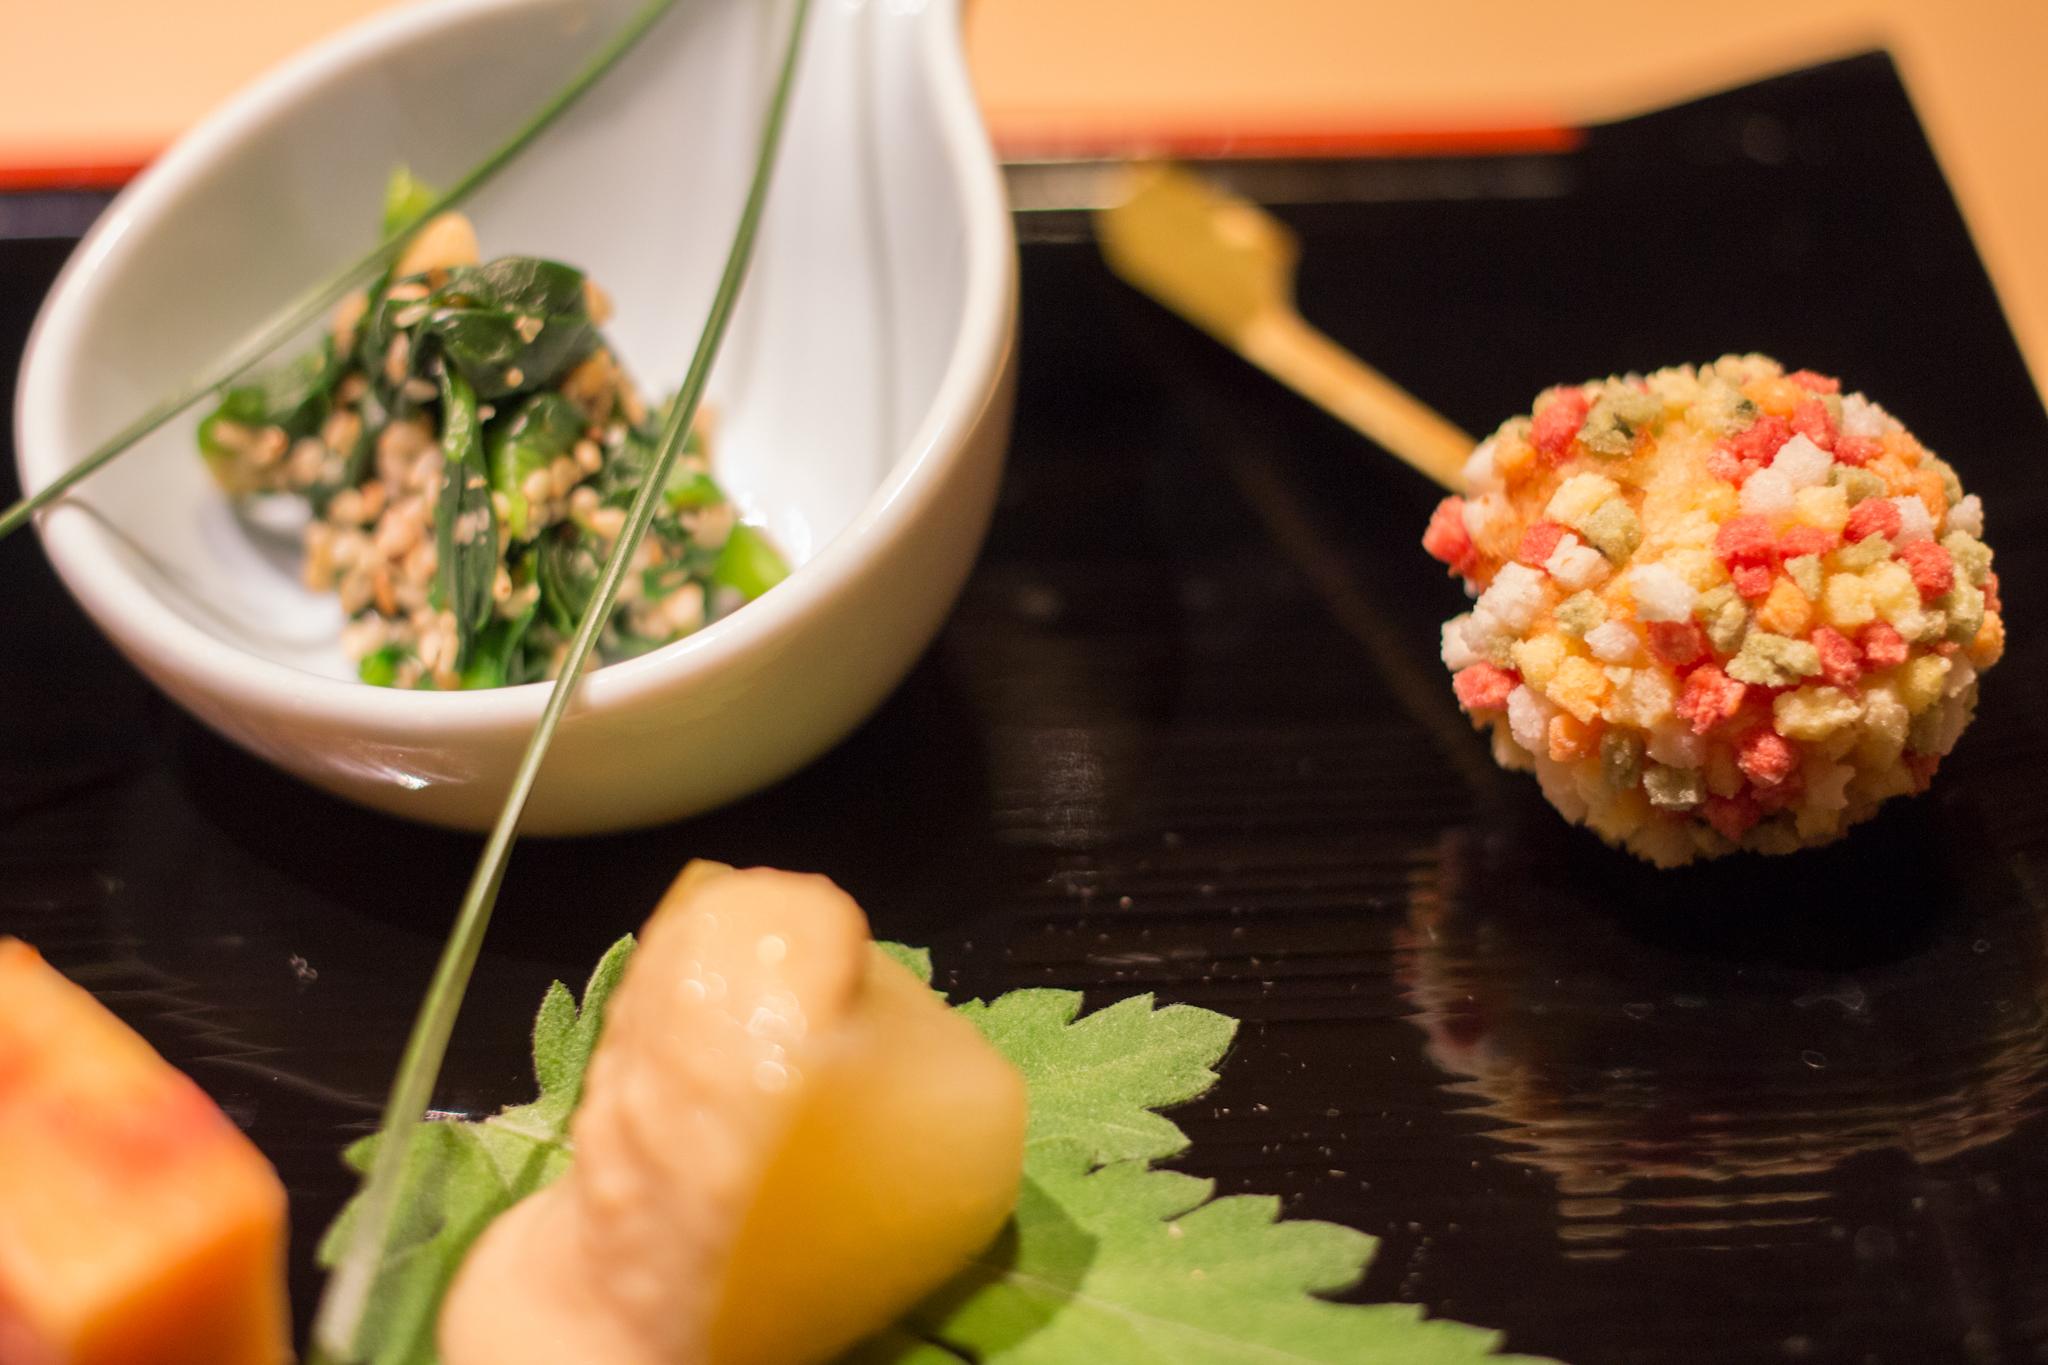 星野リゾート 界 伊東 夕食 菜の花利休和え じゃがいもの五色饅頭 八寸